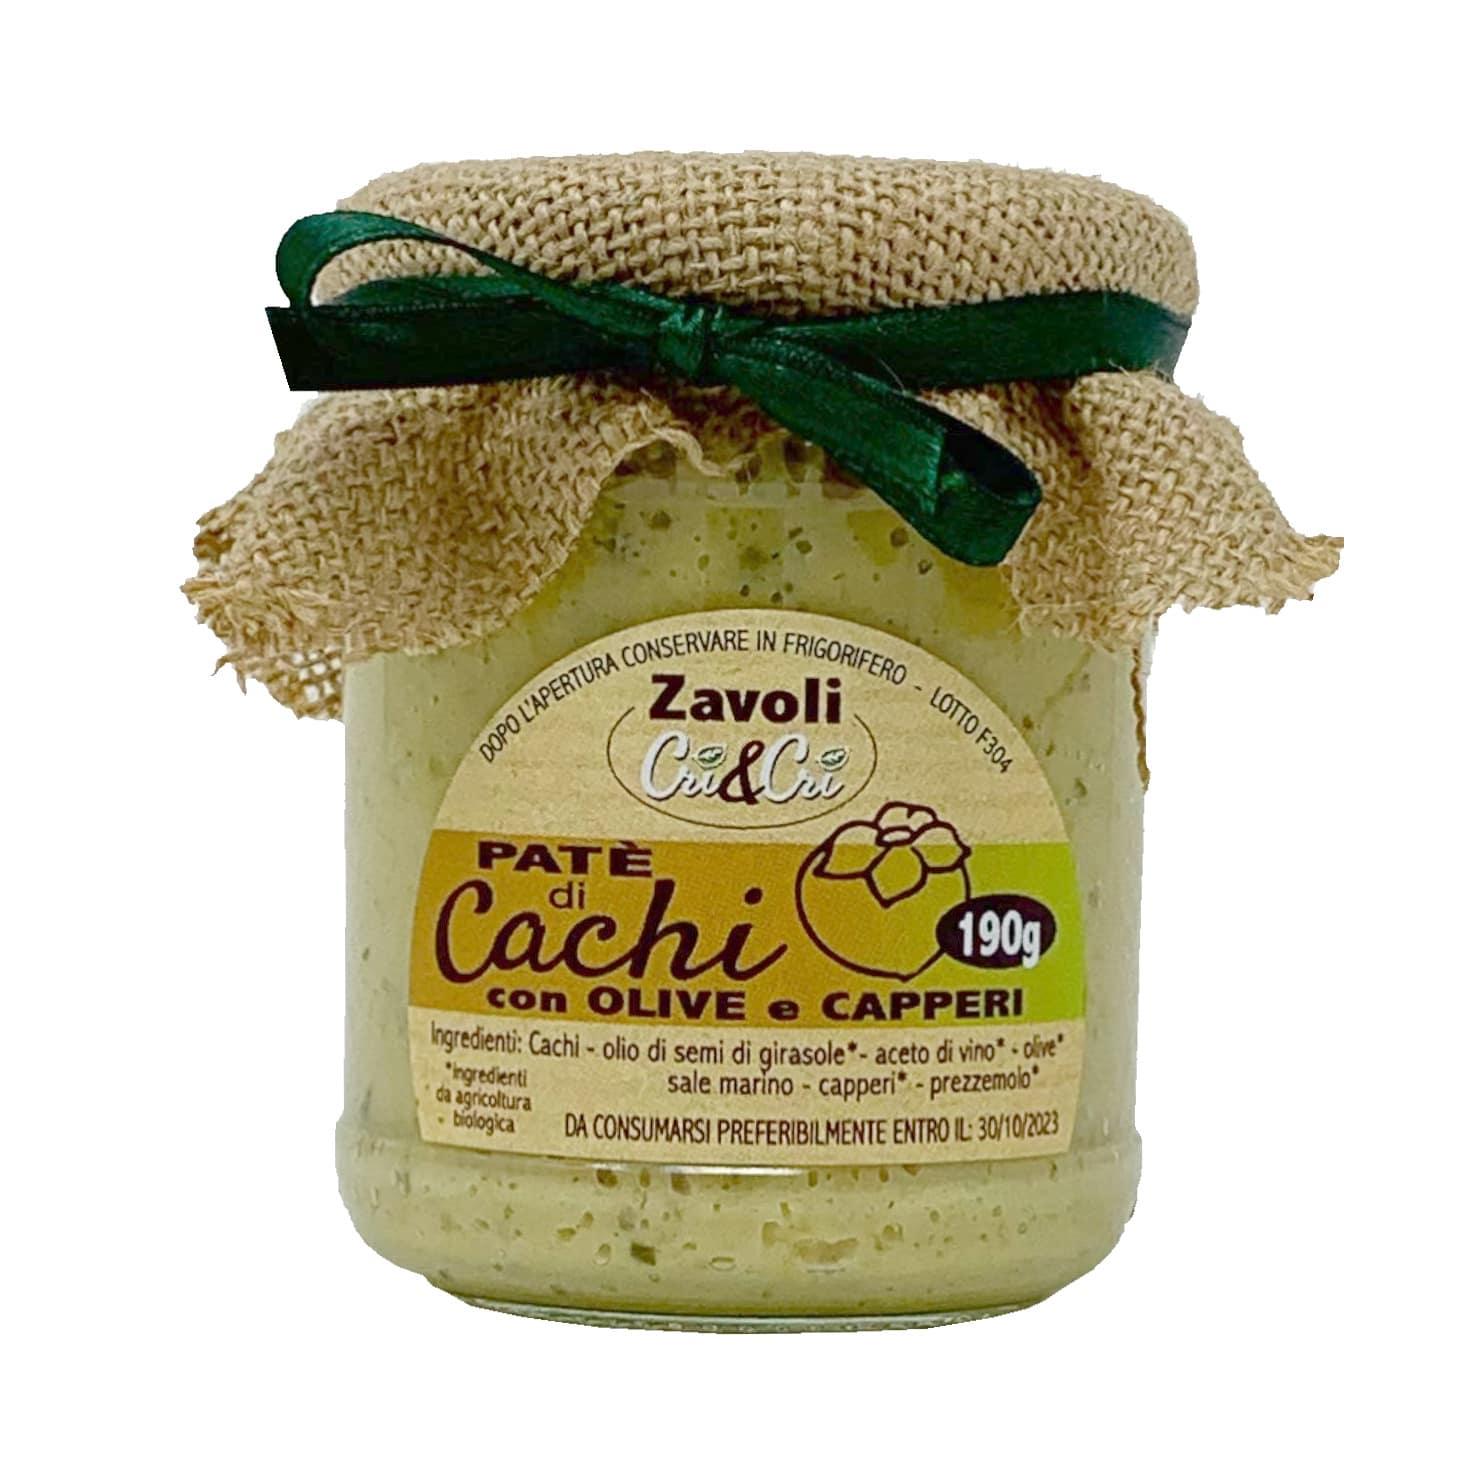 PATÈ DI CACHI CON OLIVE E CAPPERI Zavoli Cri&Cri 190GR